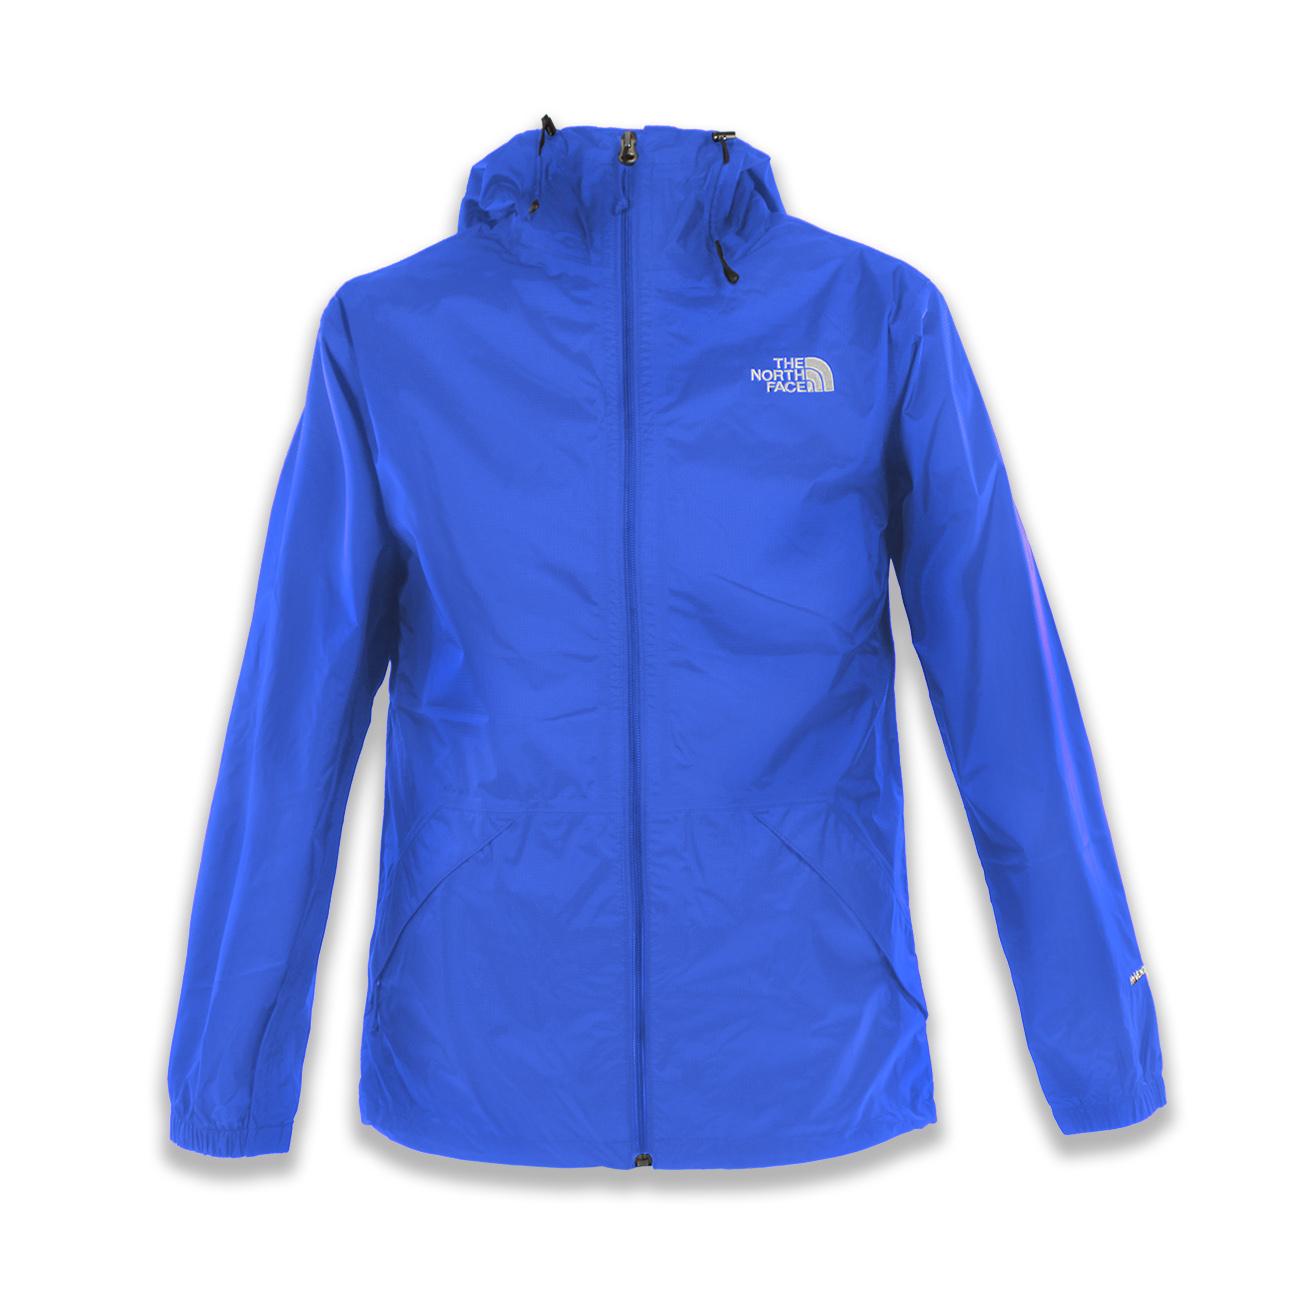 美國百分百【全新真品】The North Face 外套 TNF 北臉 防雨 防風 防水 藍色 XS號 E415